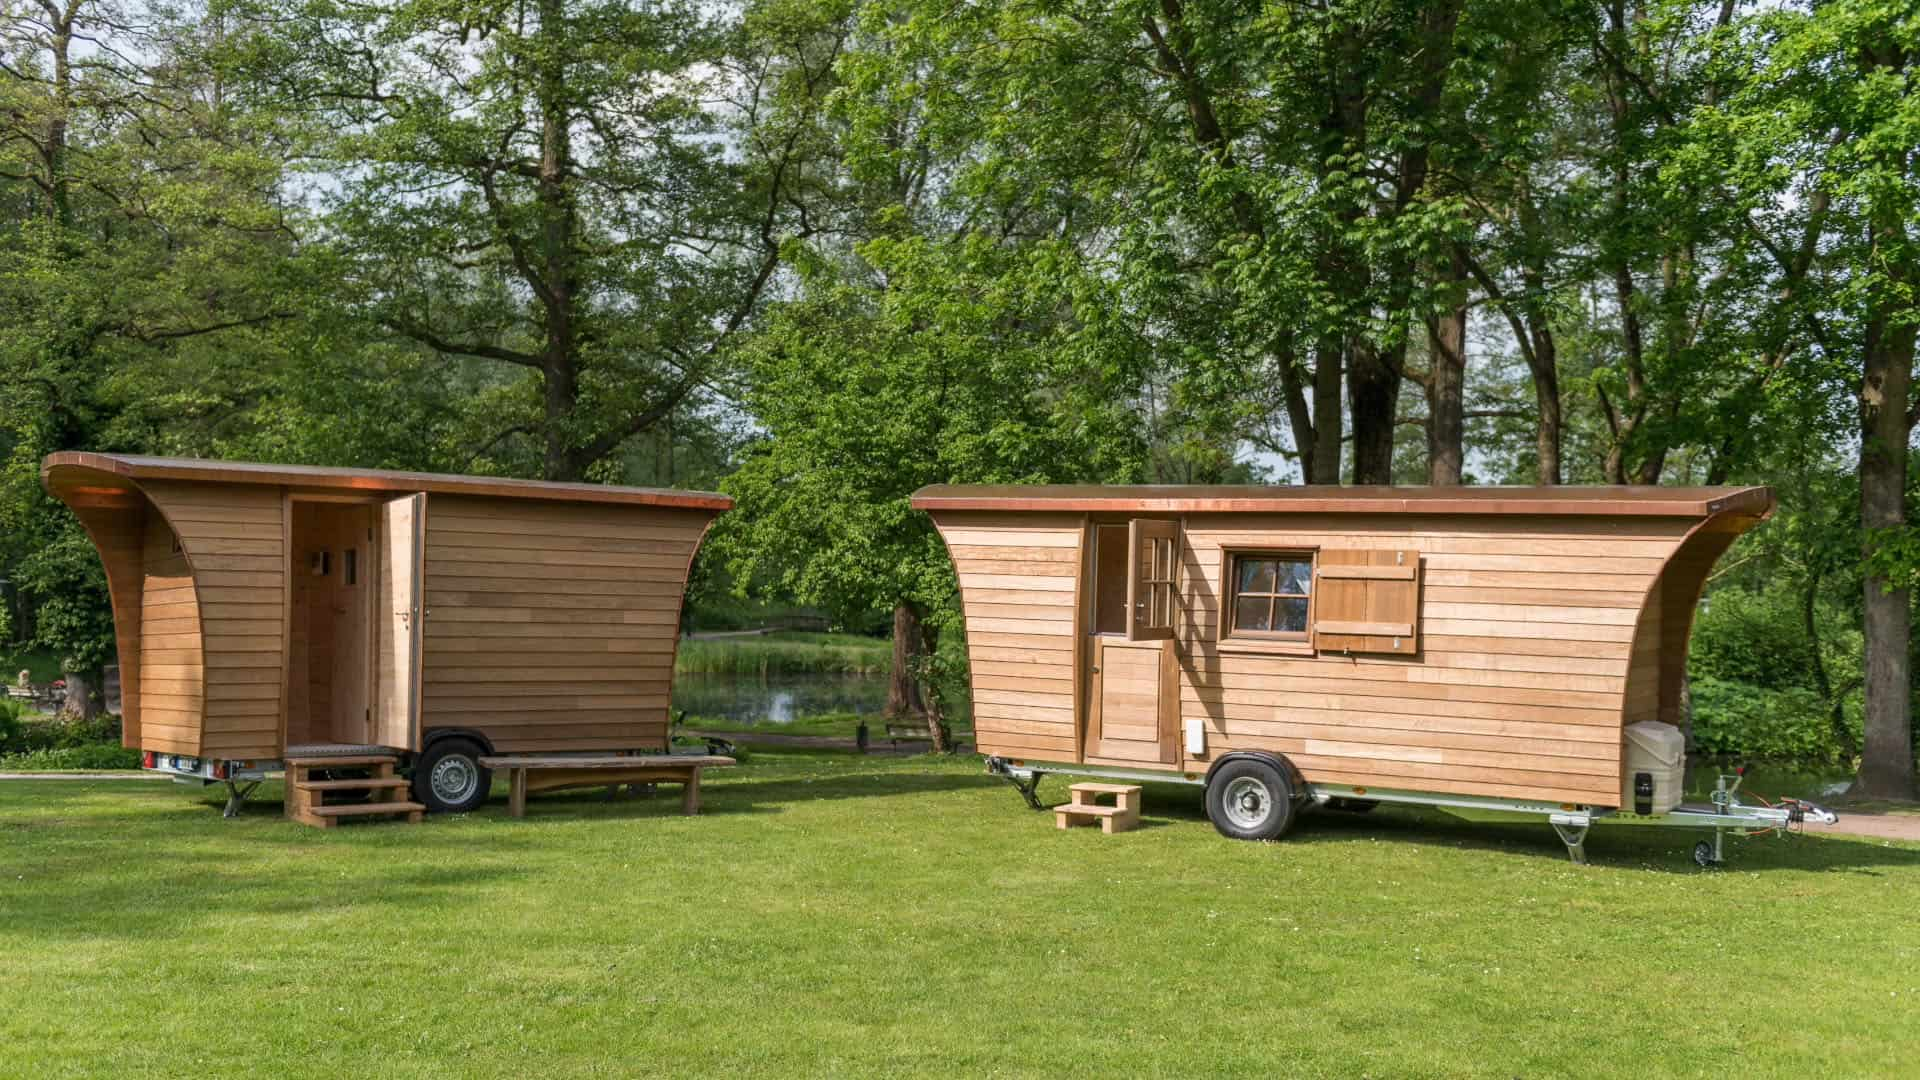 Tannhaeuschen-sauna